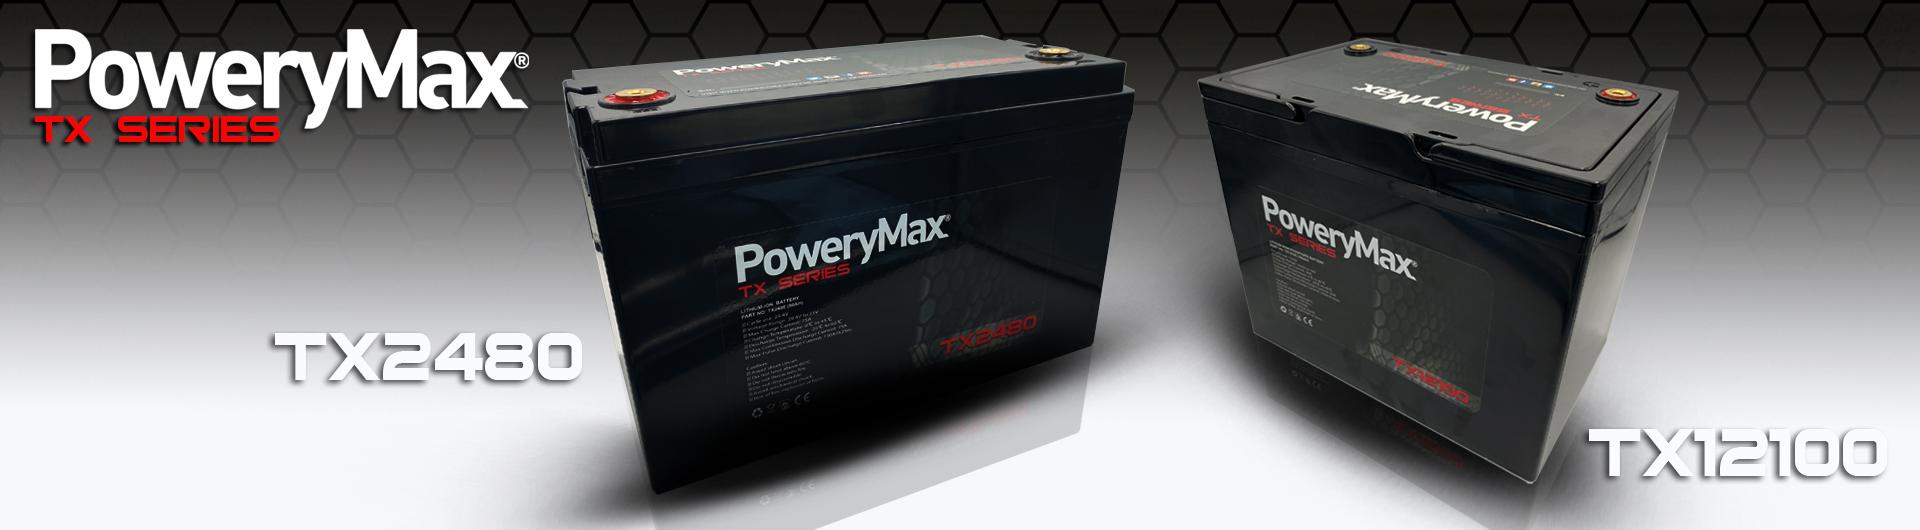 PoweryMax TX series